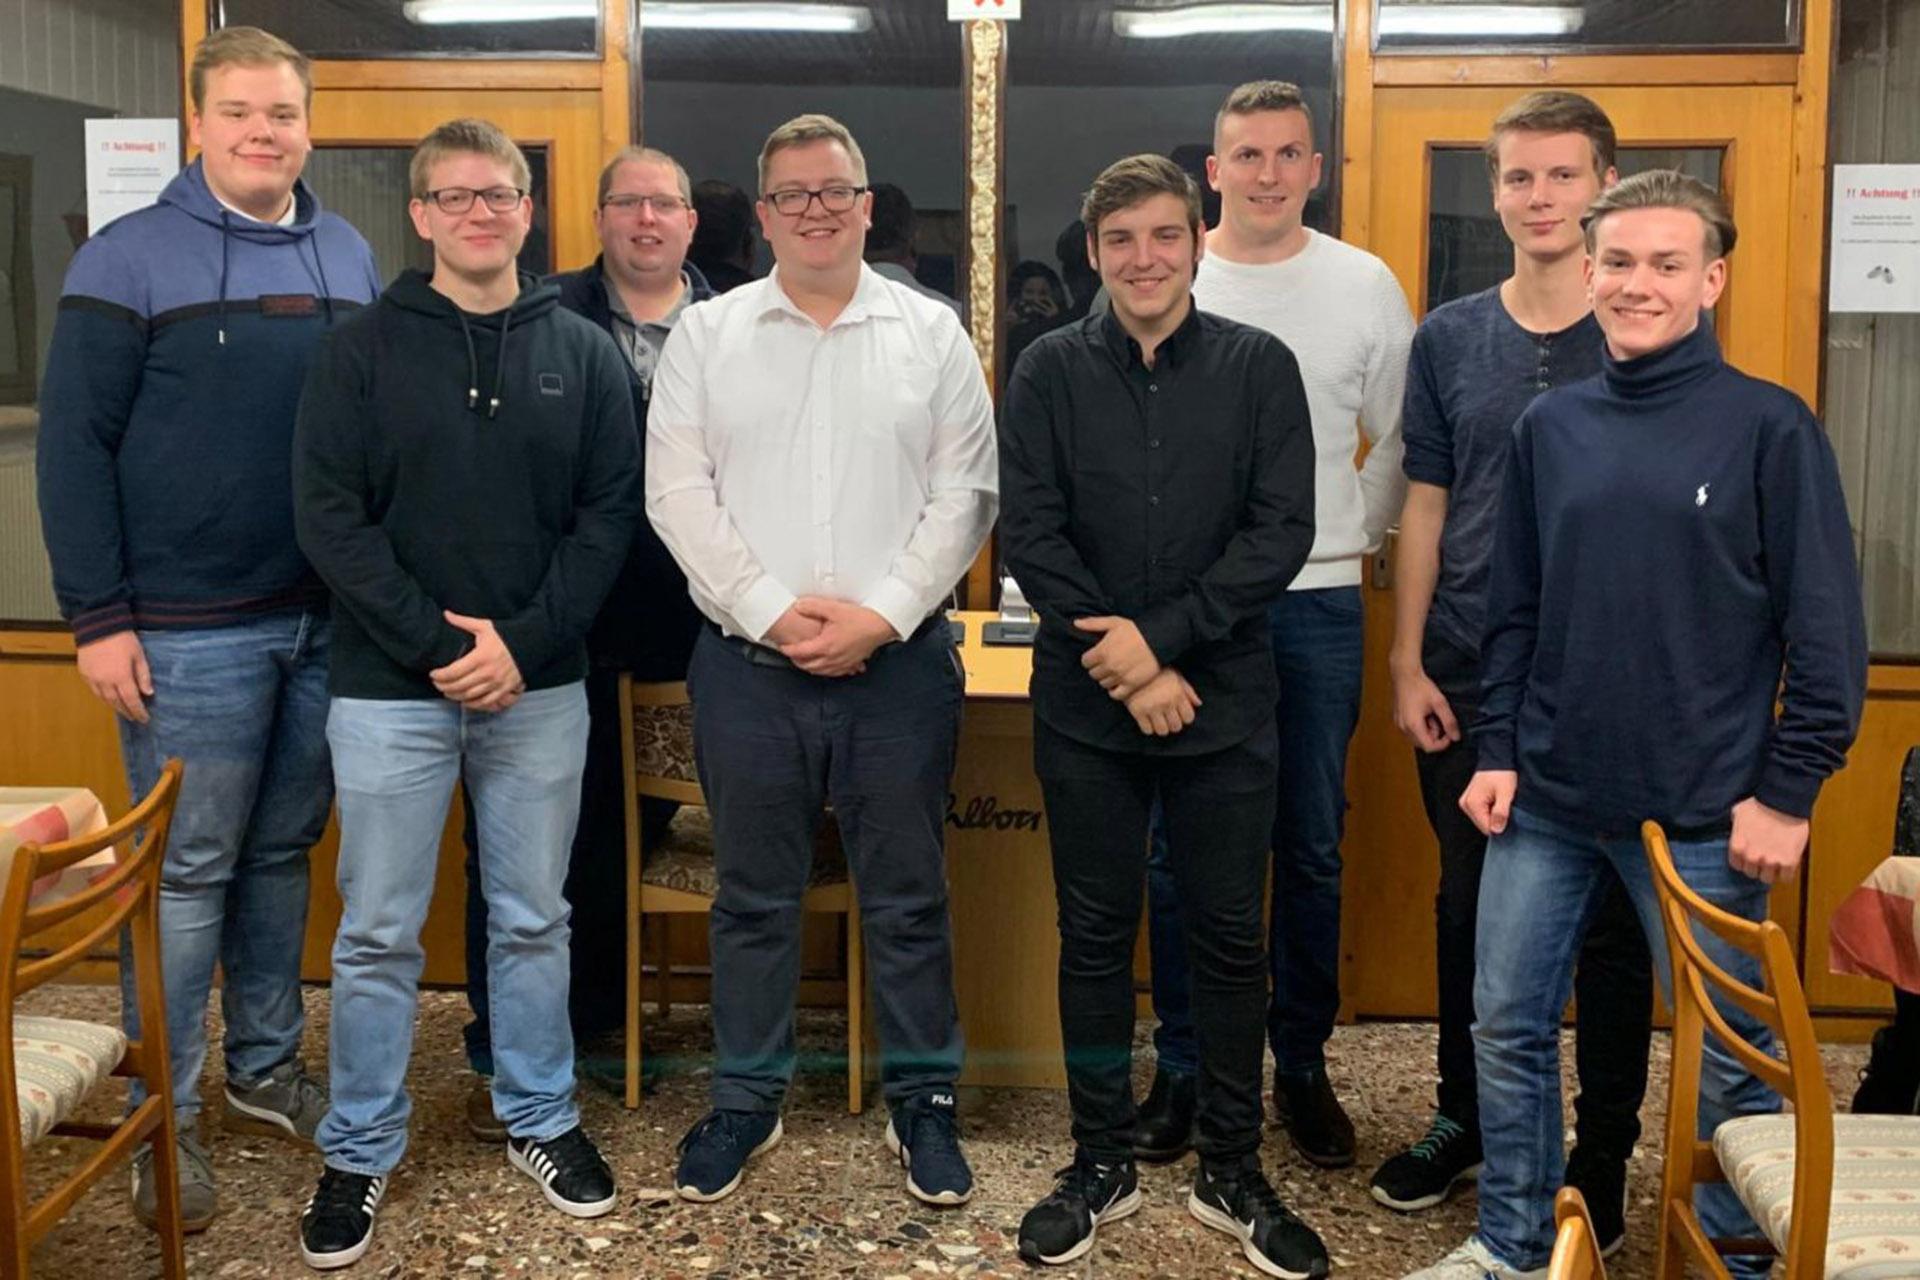 Der neue Kreisvorstand: (von links nach rechts): Florian Mewes, Kevin Hager, Michael Täubert, Christopher Förster, Marcello Wolf, Samuel Sorger, Jeremy Murenz und Frederic Straßburg. Es fehlt Philipp Donnerhak.